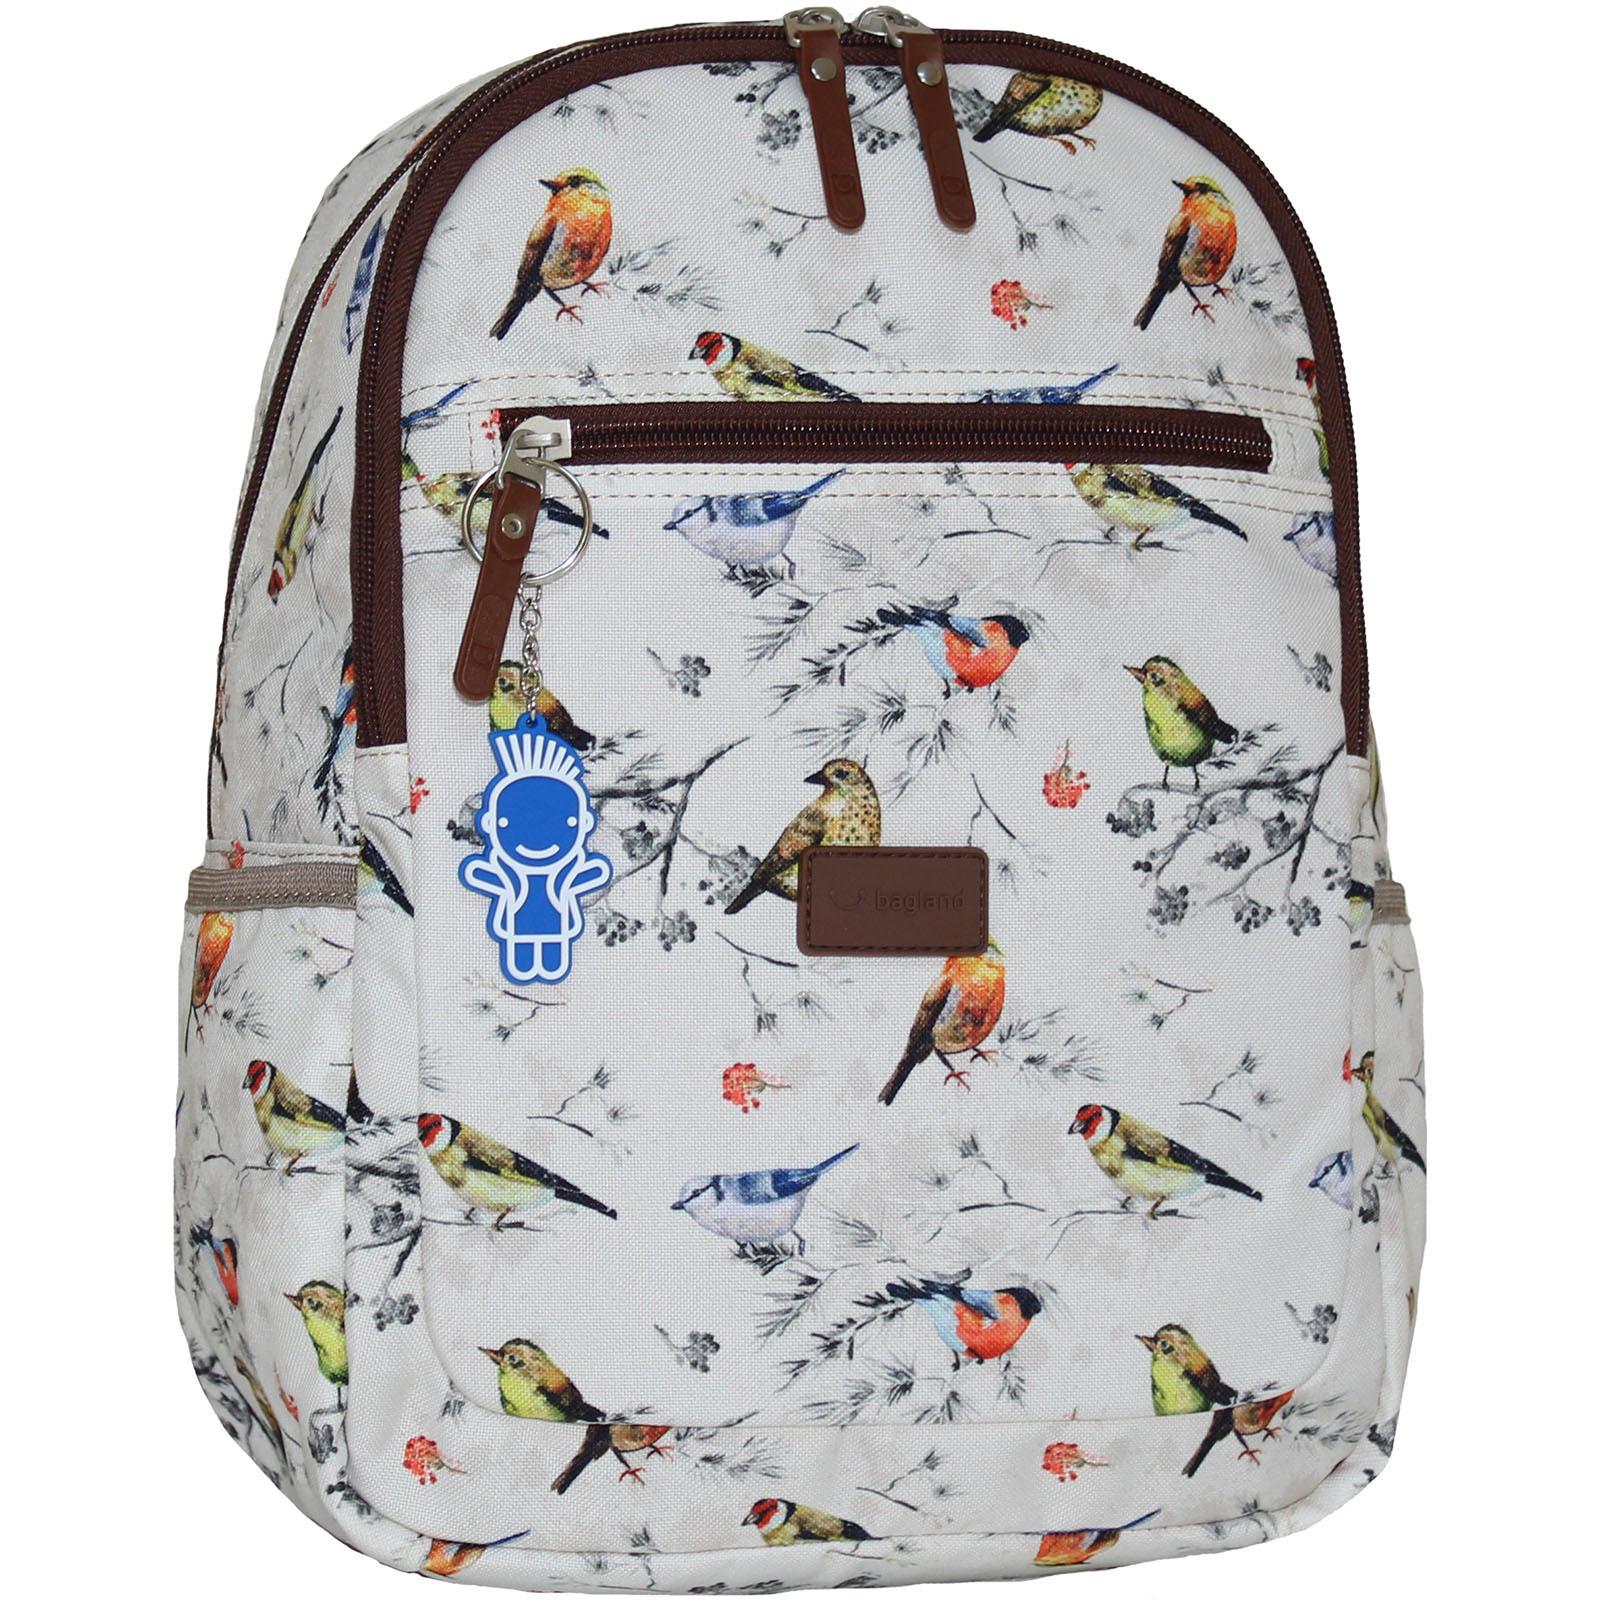 Детские рюкзаки Рюкзак Bagland Young 13 л. сублимация (птица) (00510664) IMG_8754_арт.67_.JPG